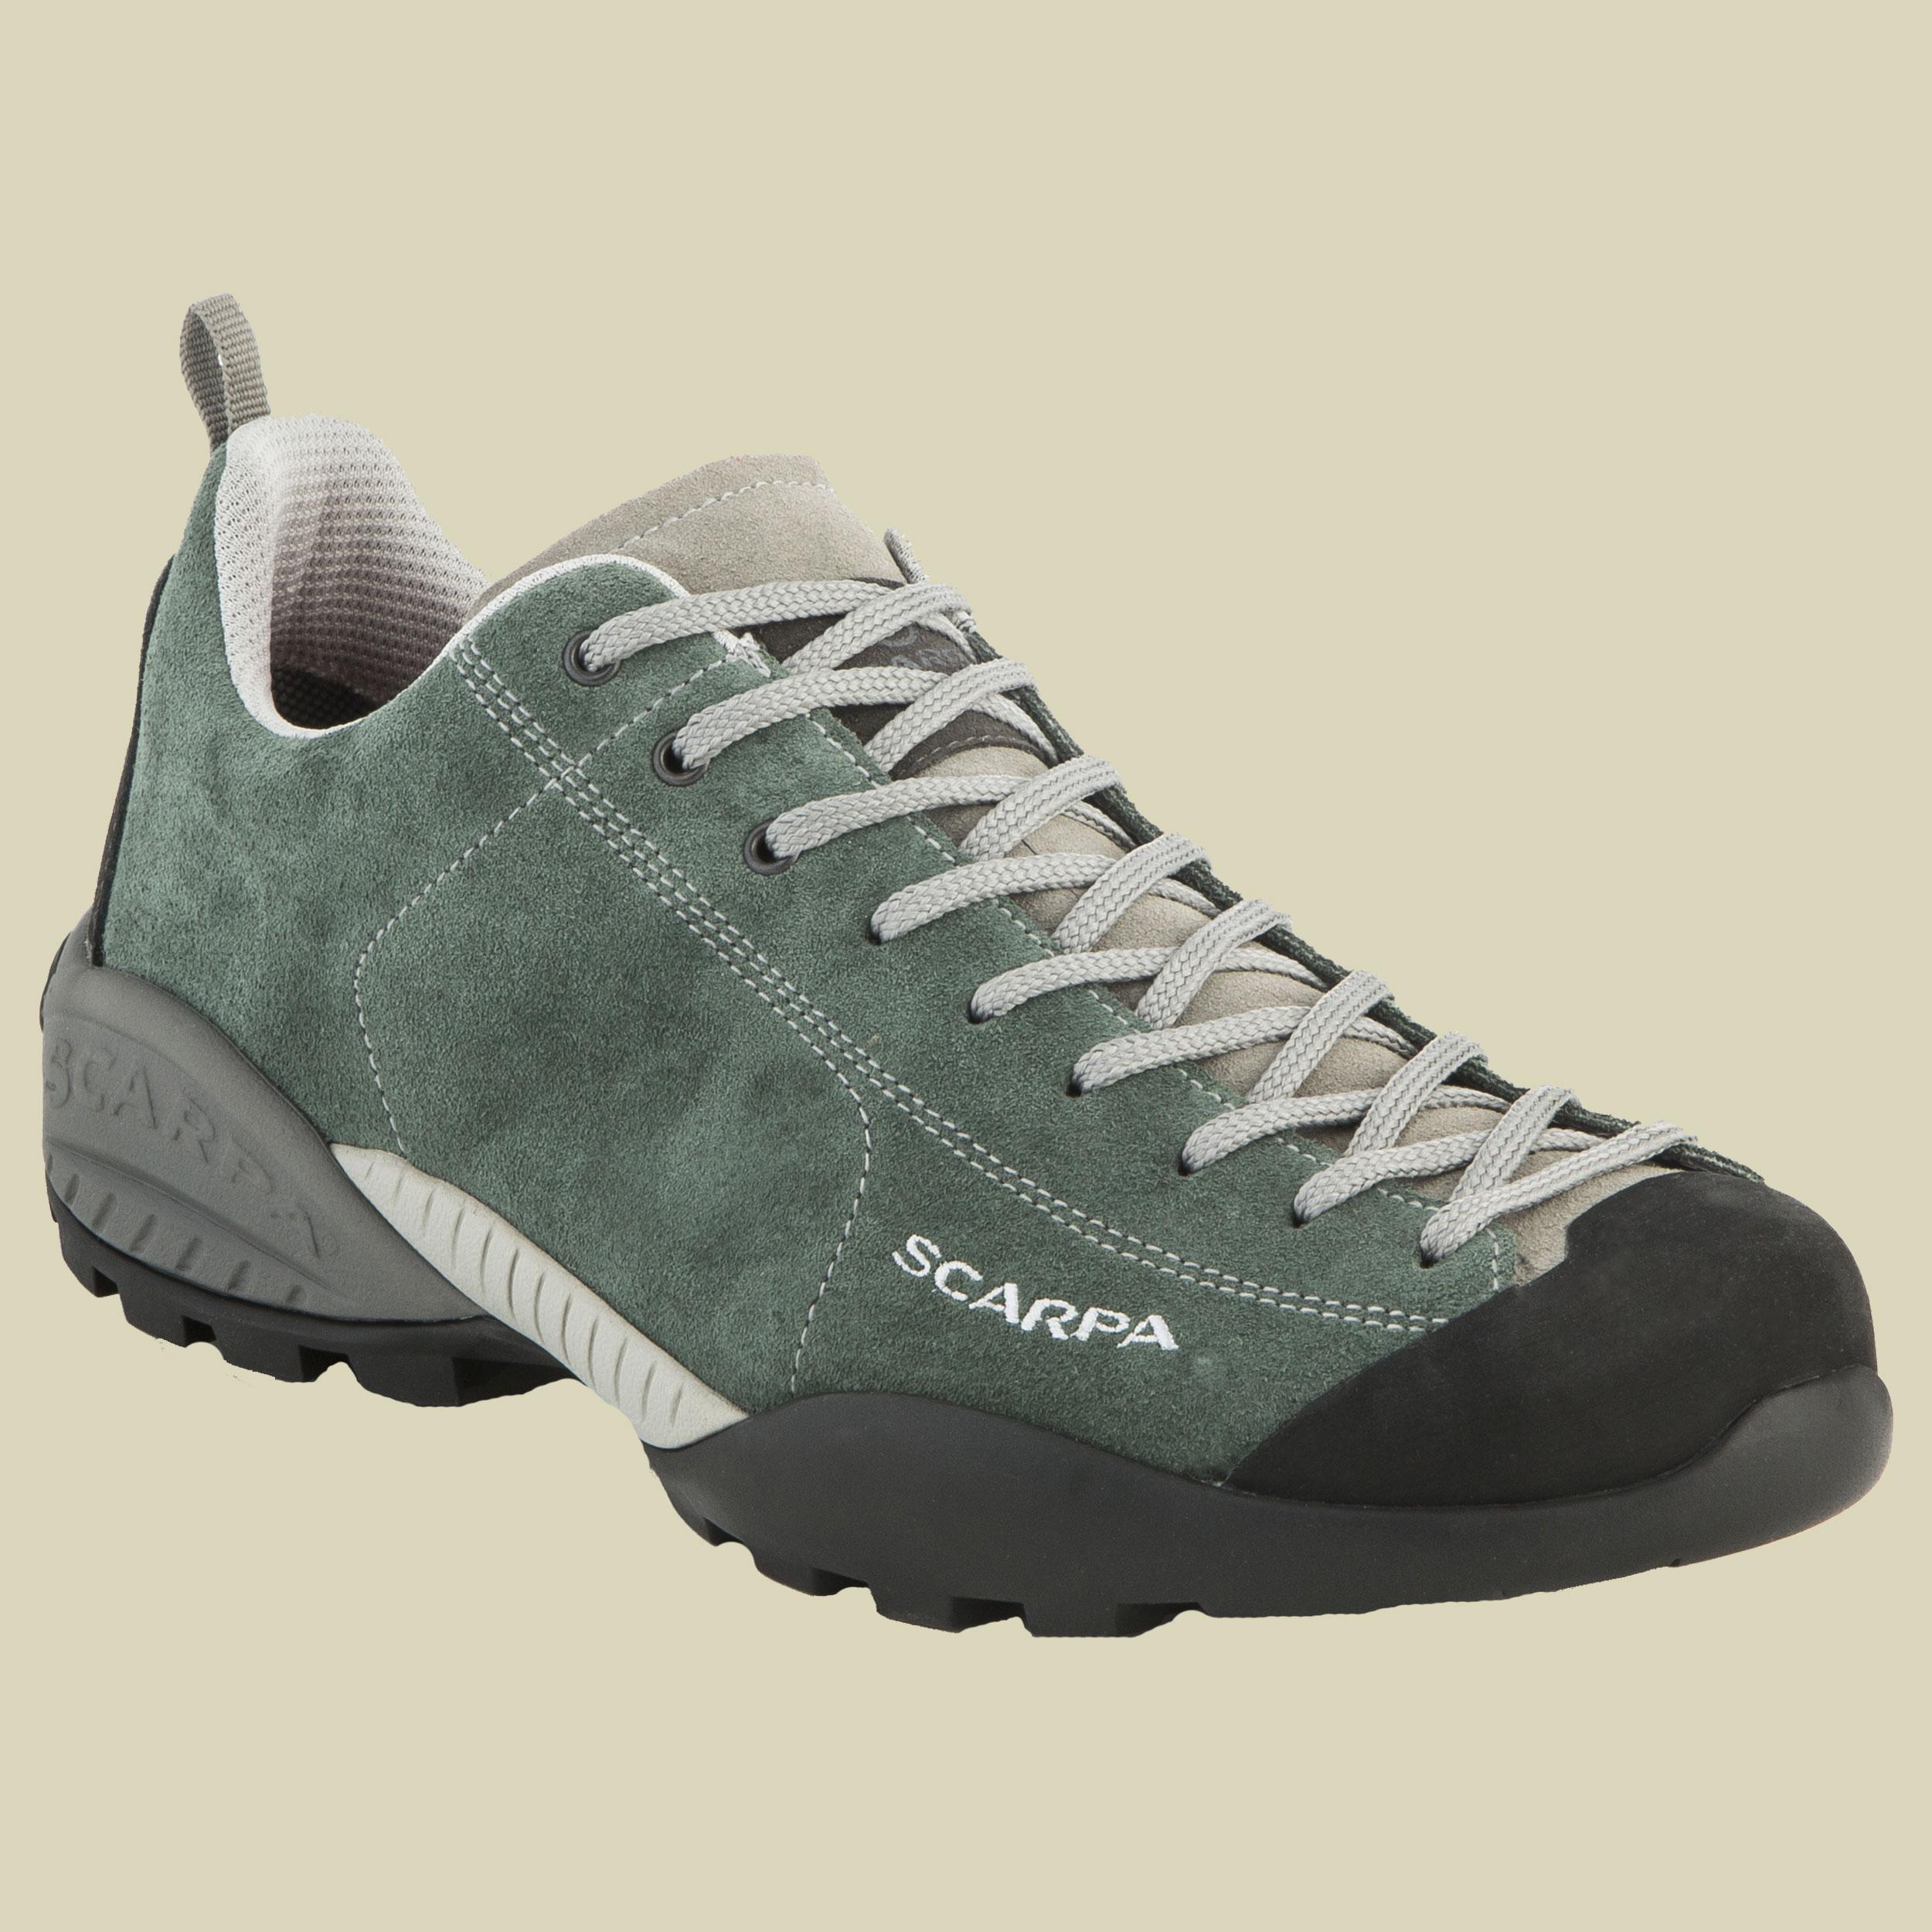 Scarpa Schuhe Mojito GTX Halbschuhe Unisex Größe 40,5 lichen green